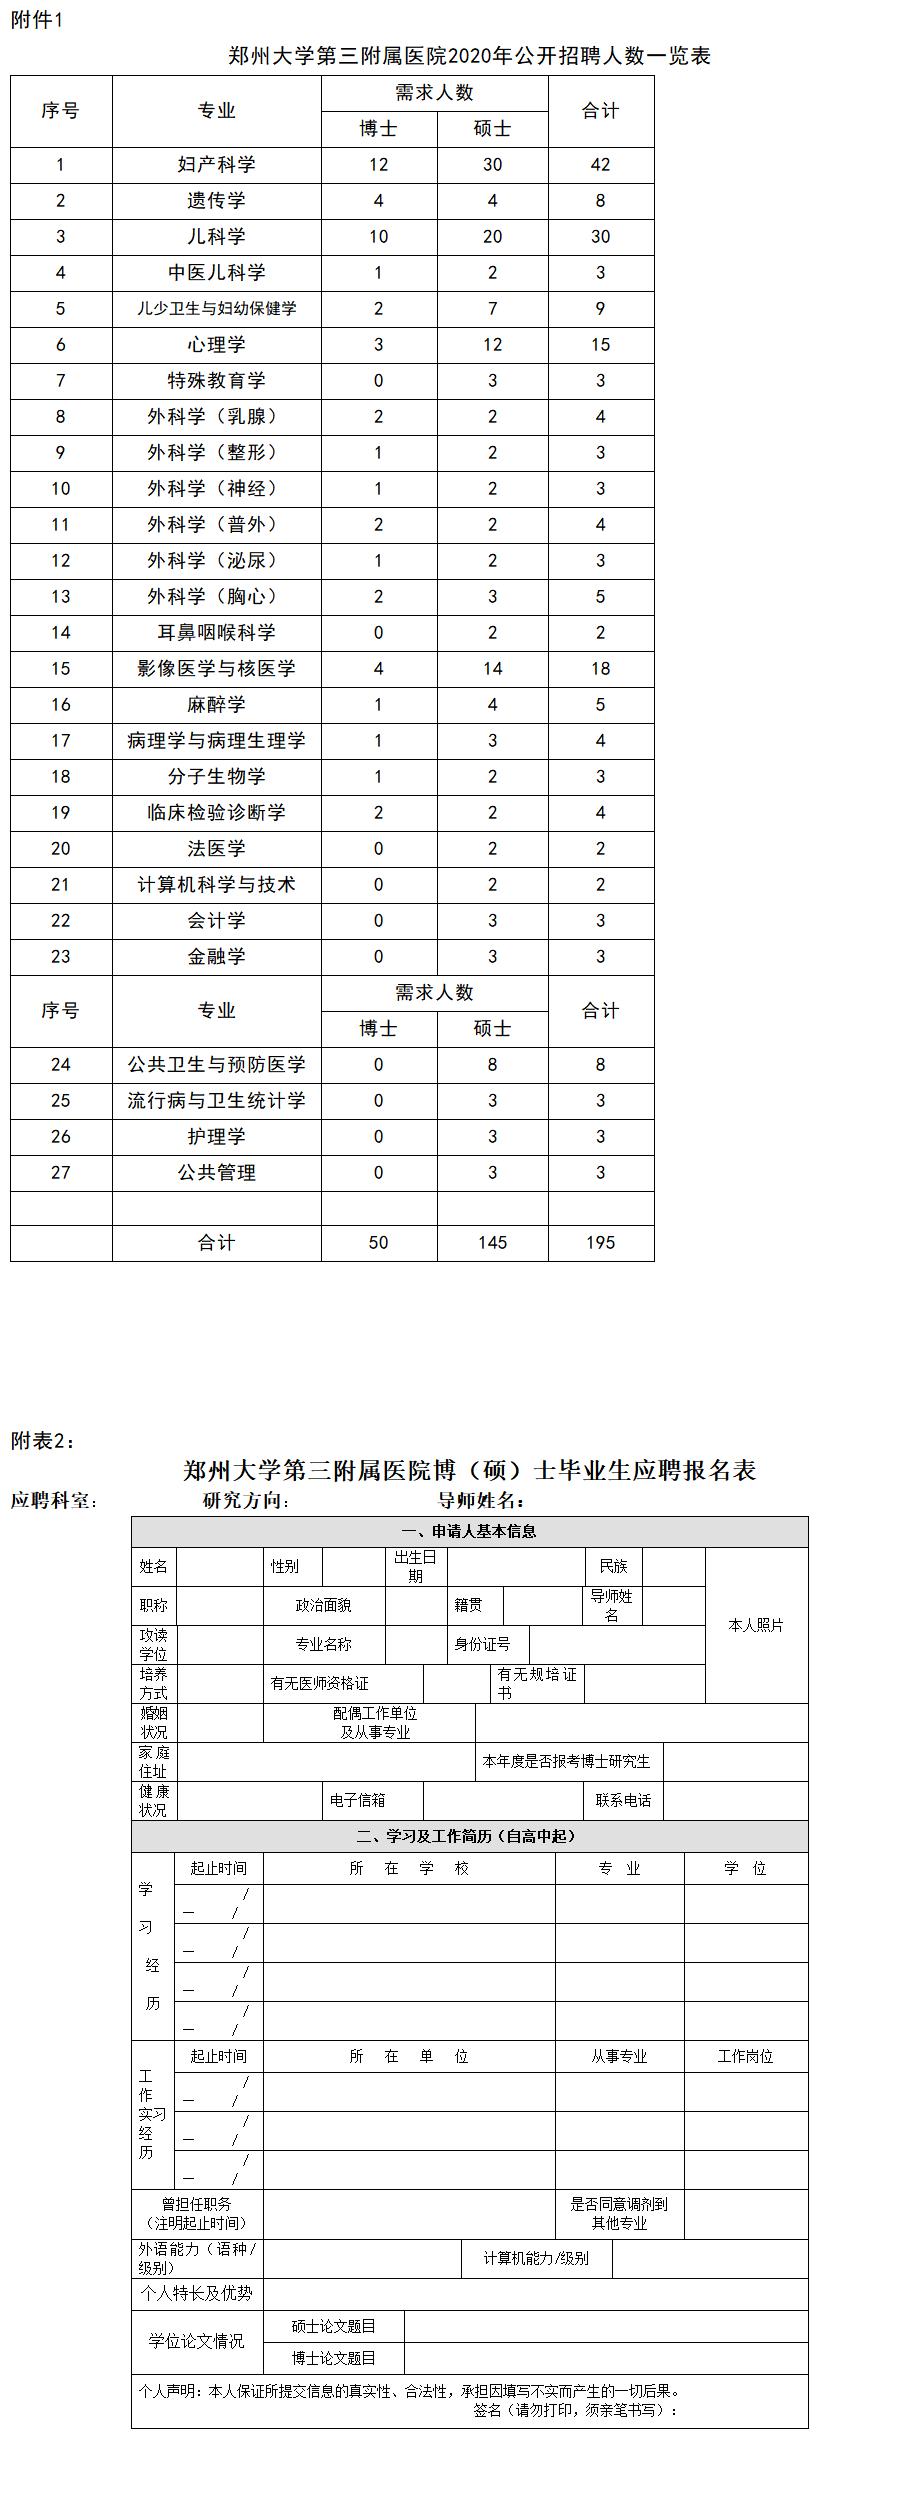 2020年河南郑州大学第三附属医院河南省妇幼保健院招聘195人方案(图1)